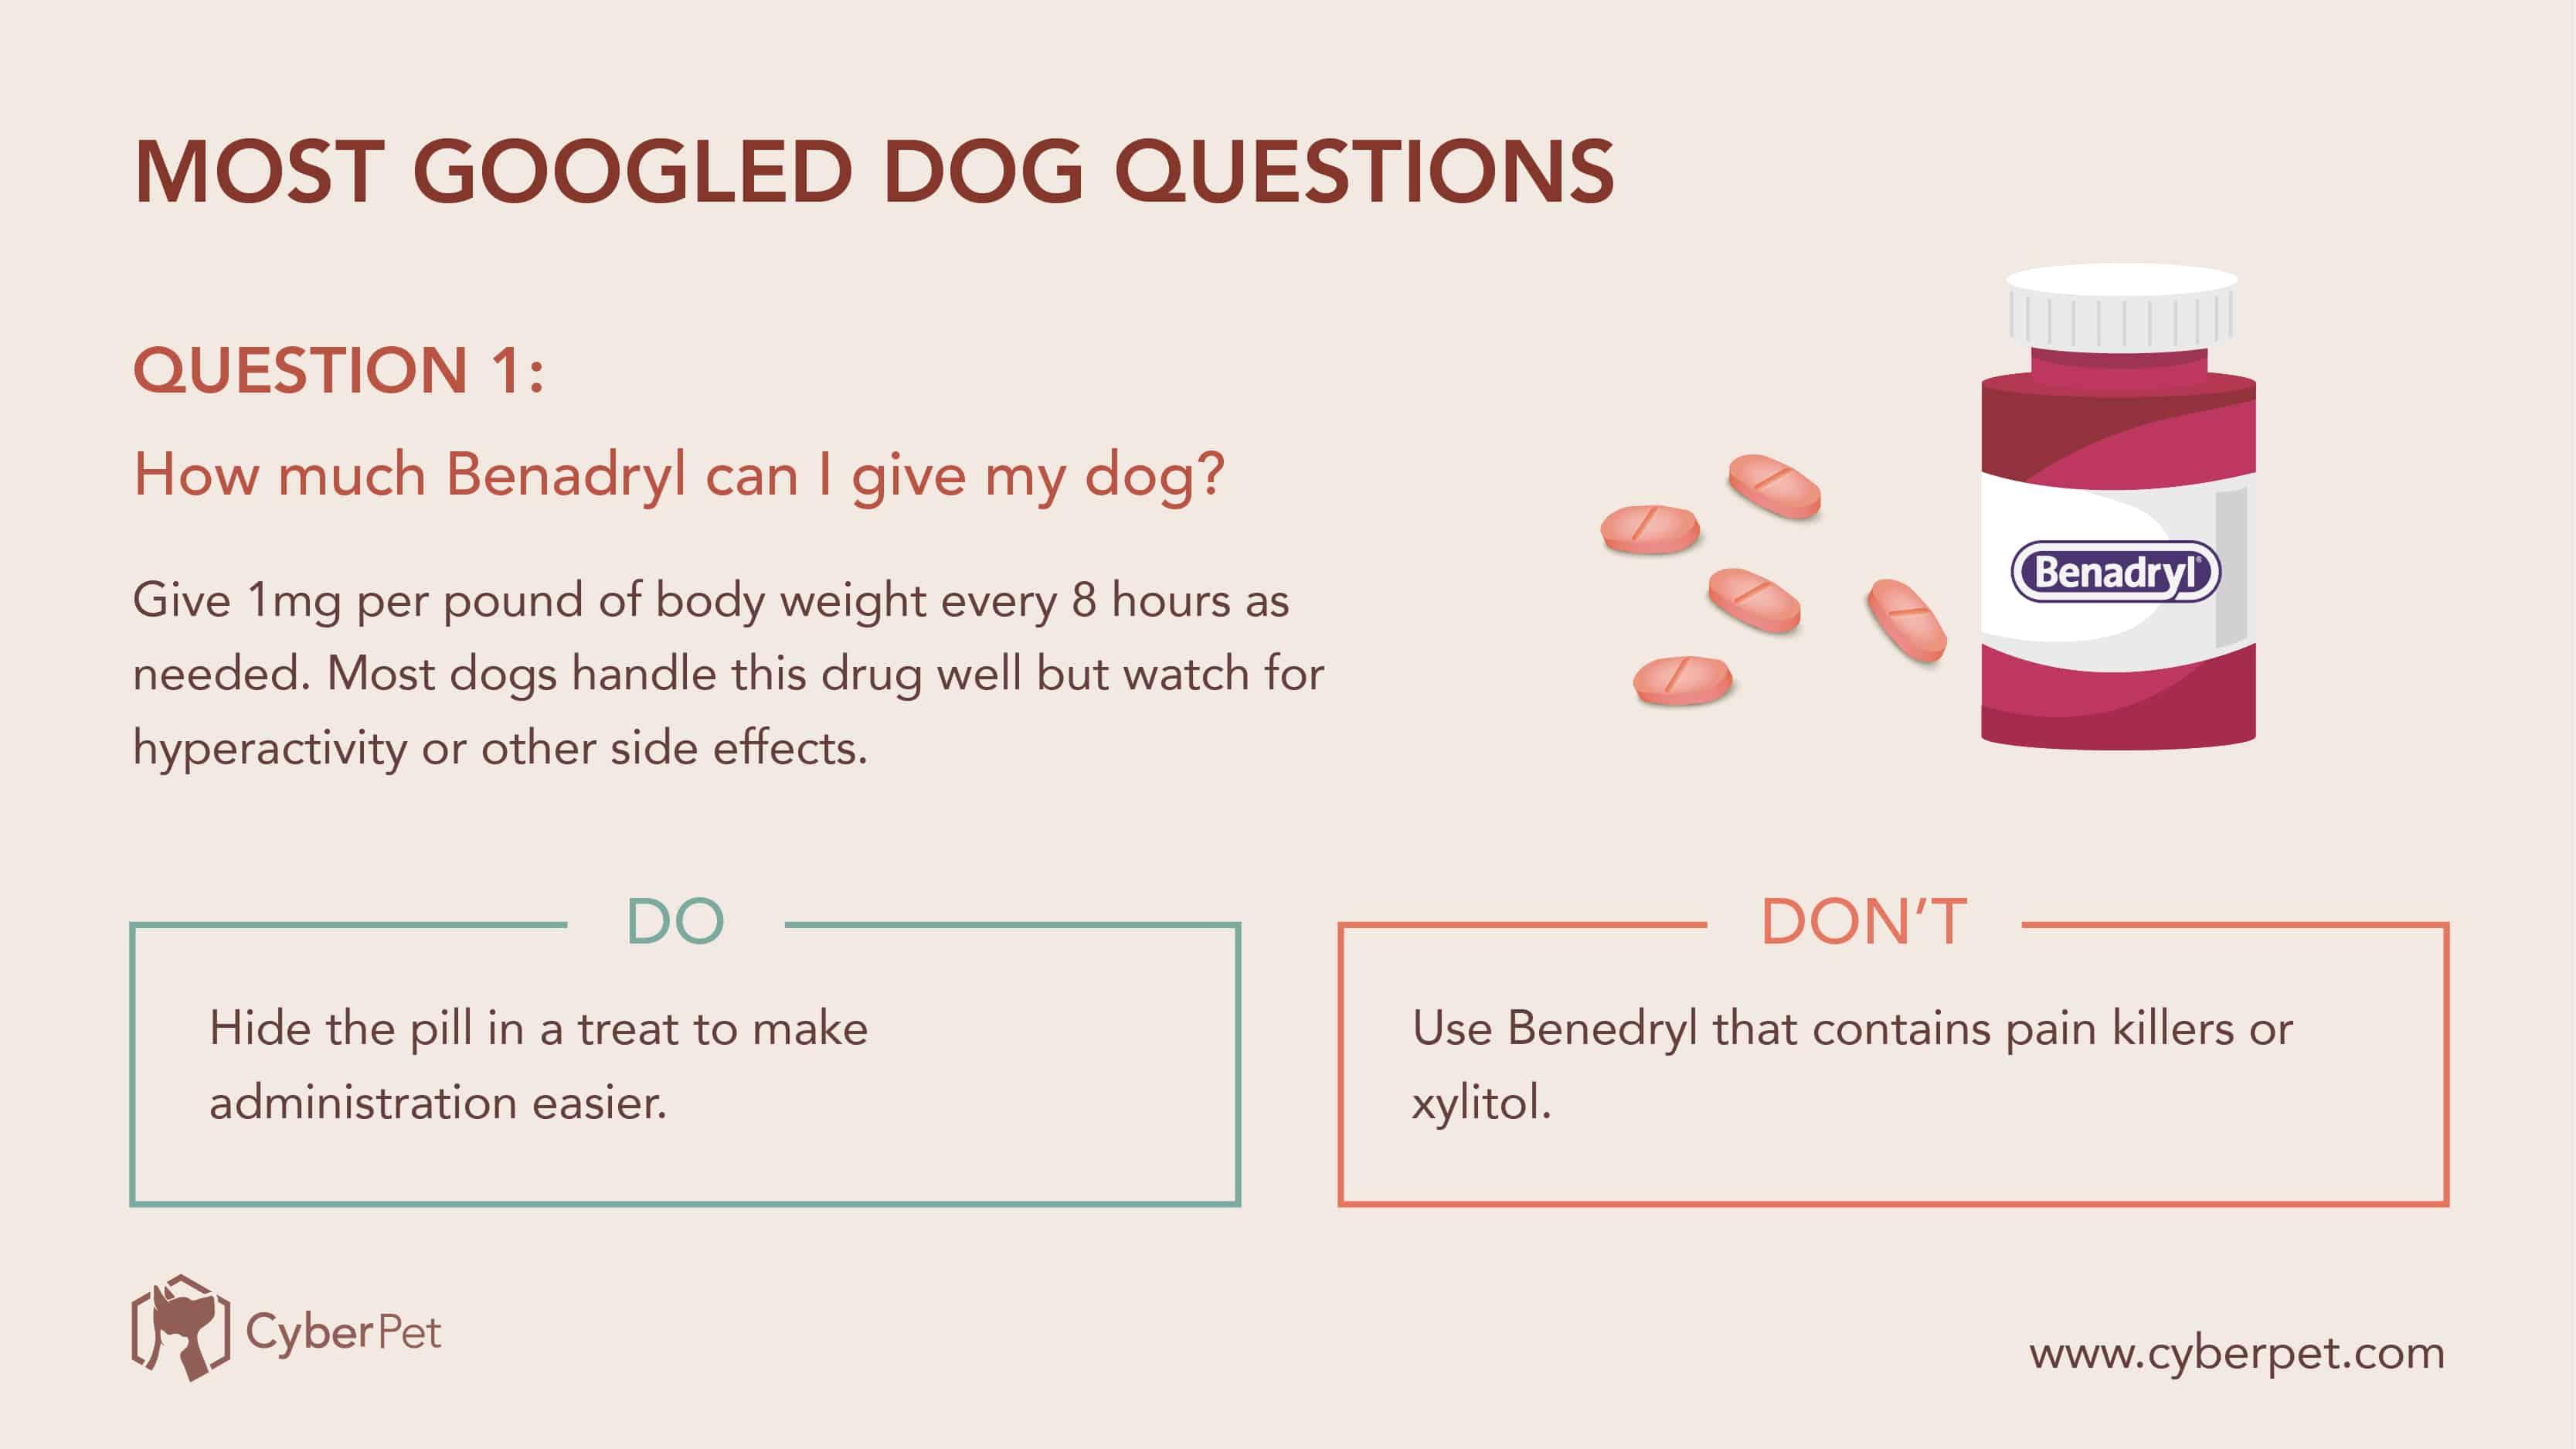 10 Most-Googled Dog Questions - Q1